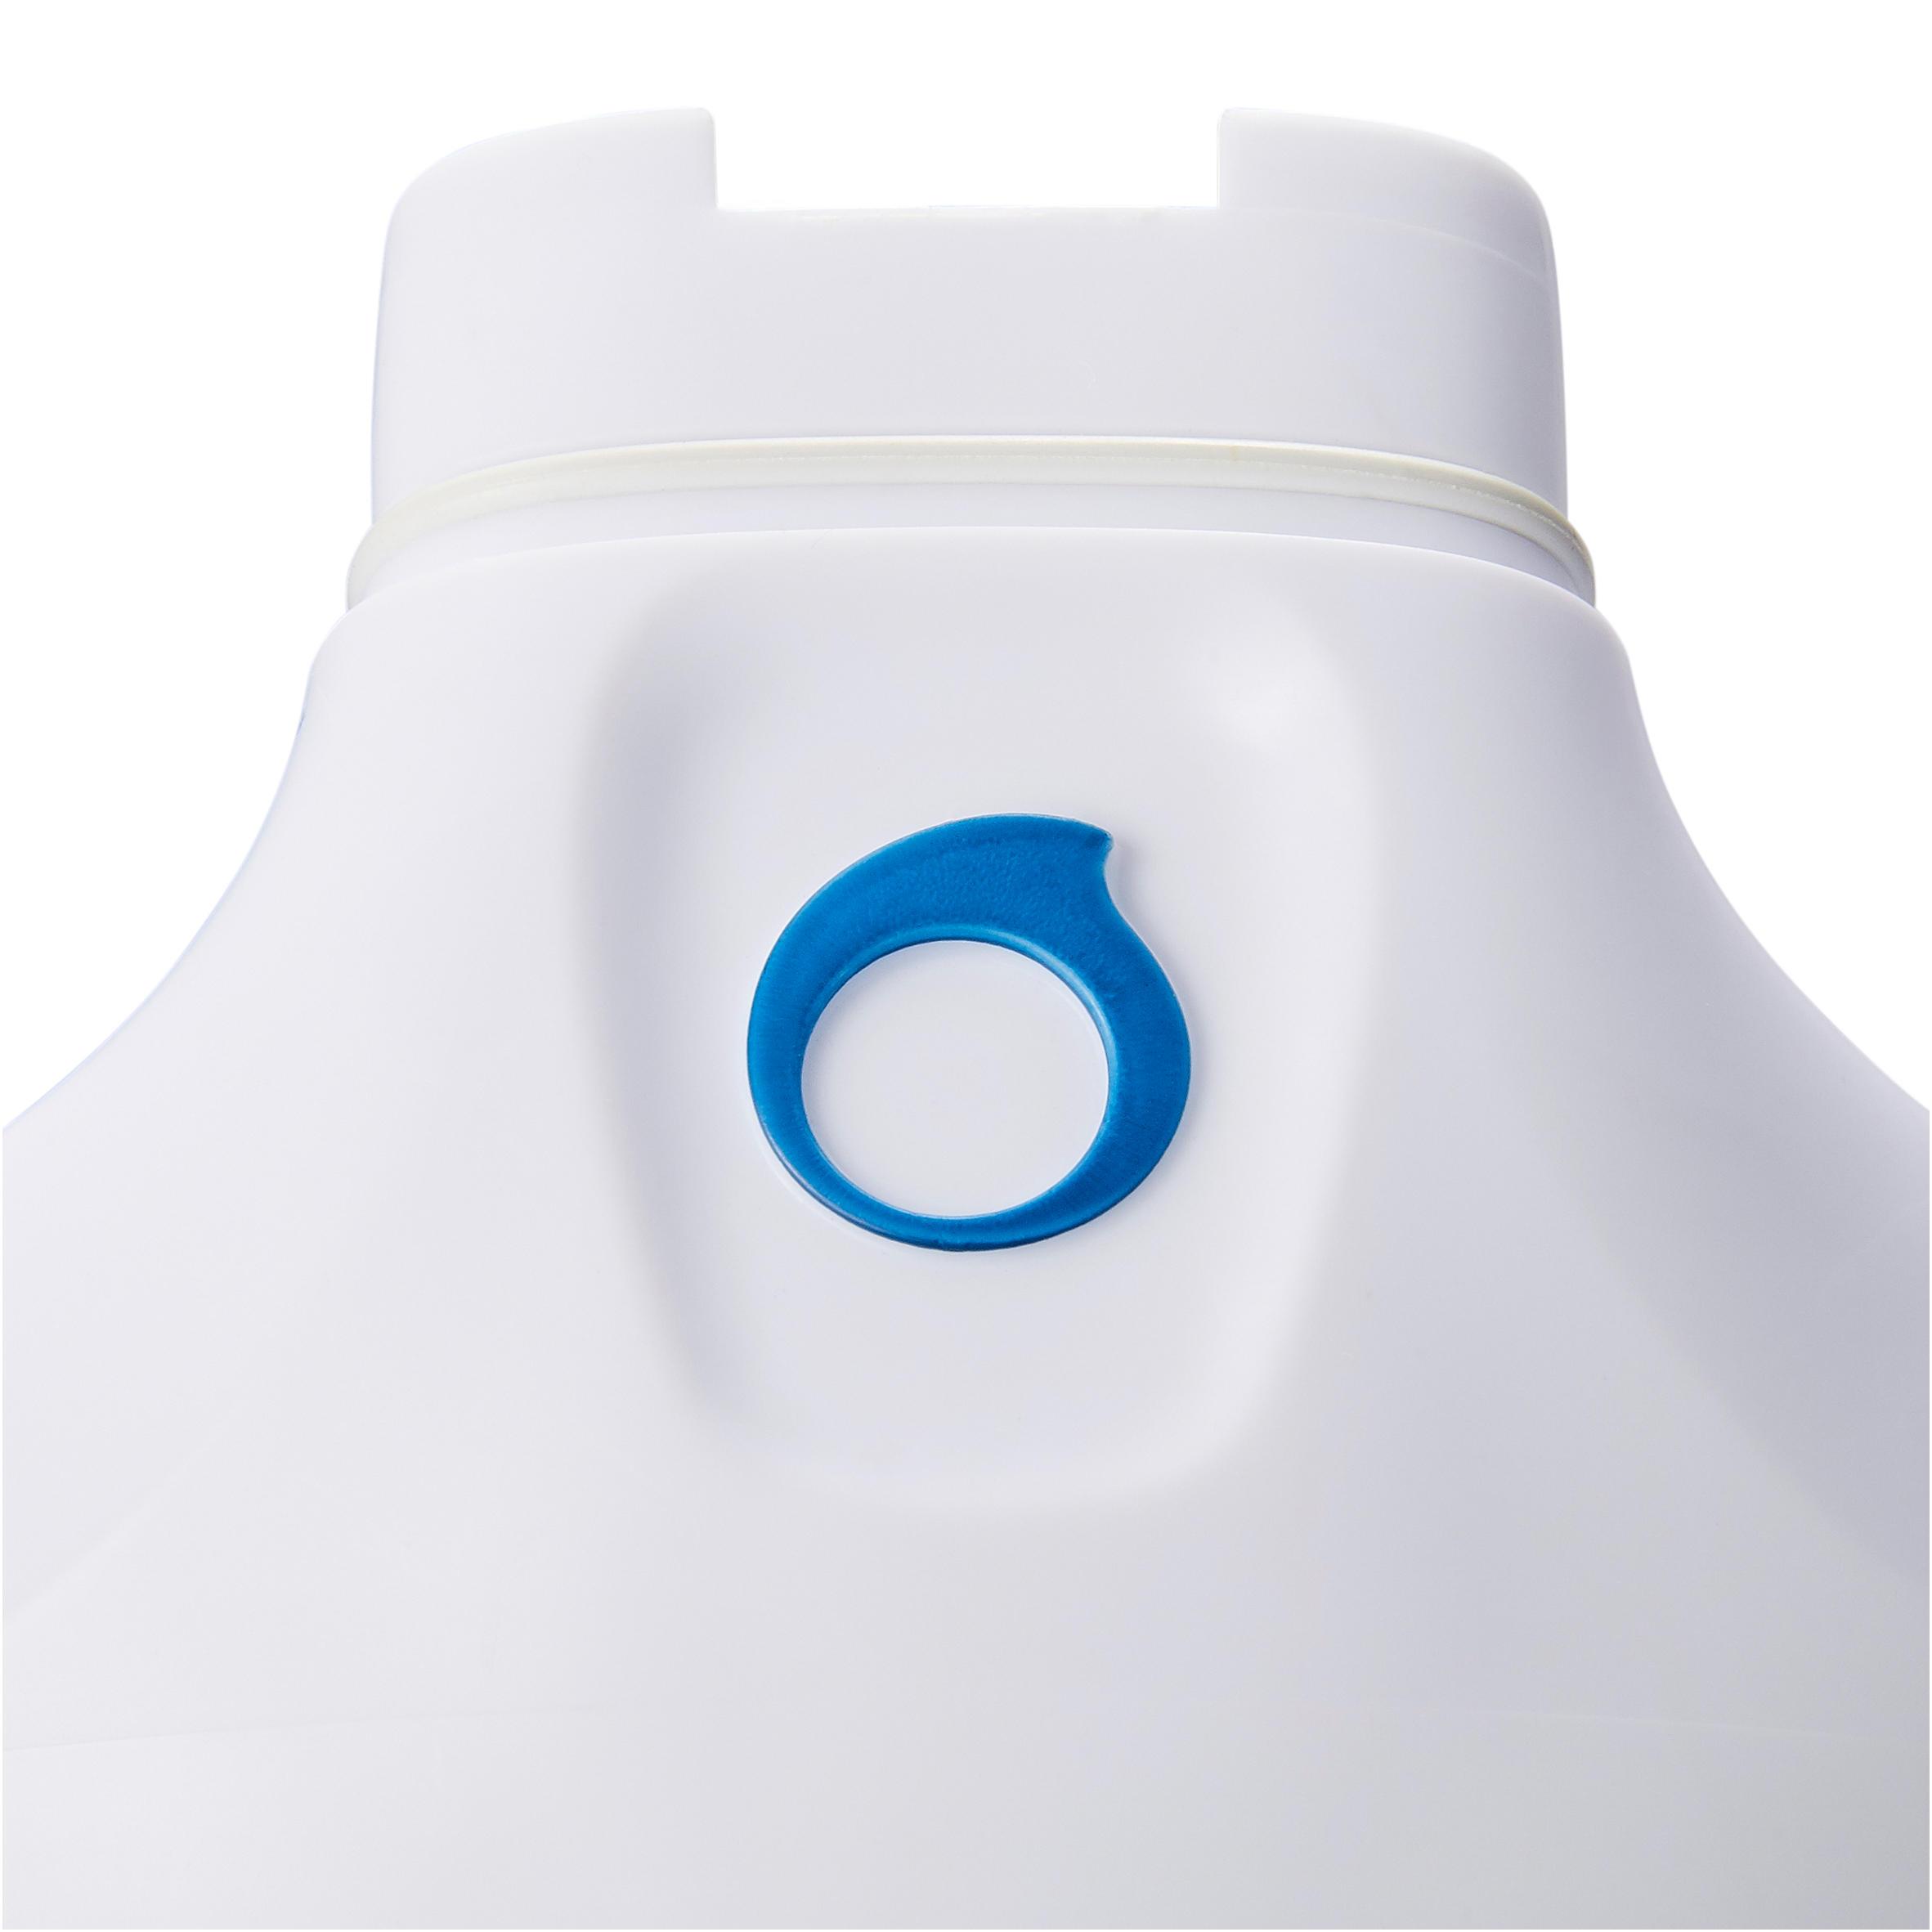 Masque de plongée en surface Easybreath bleu